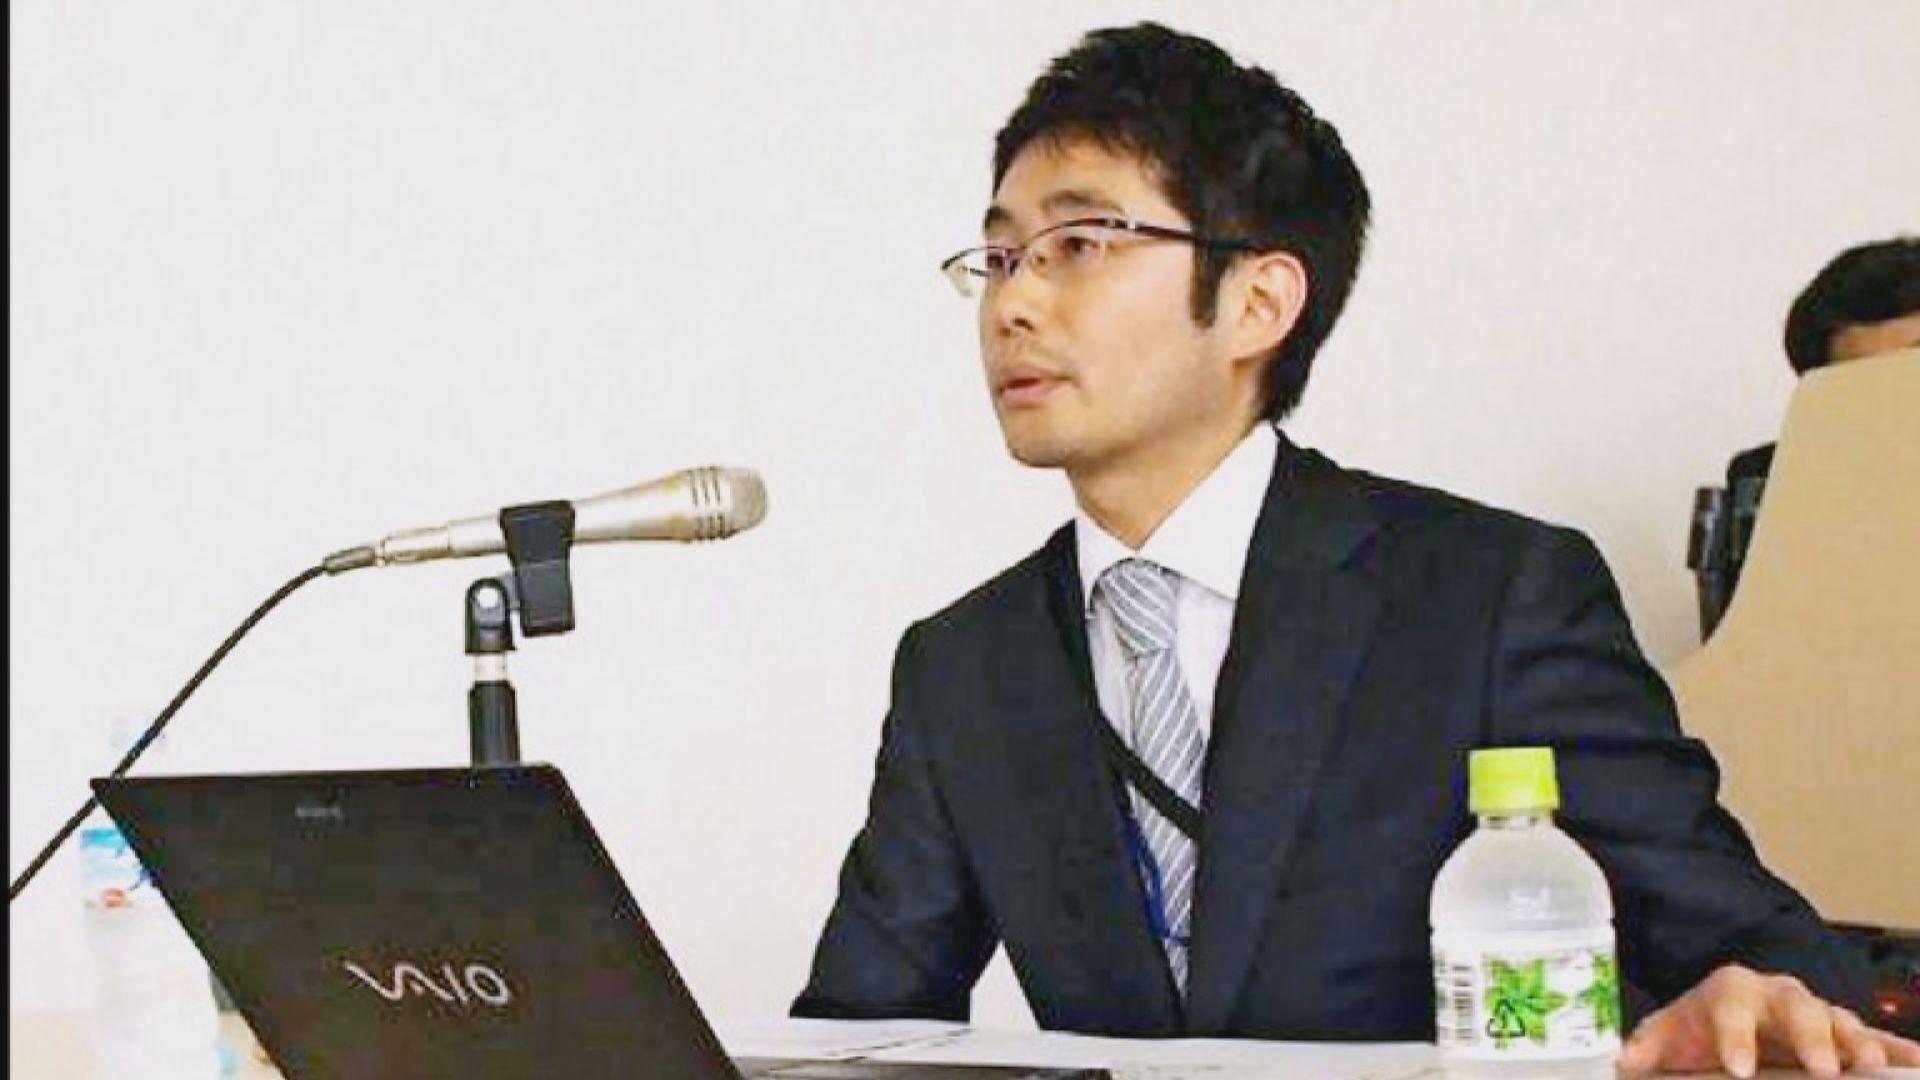 被中國拘留的日本教授獲釋